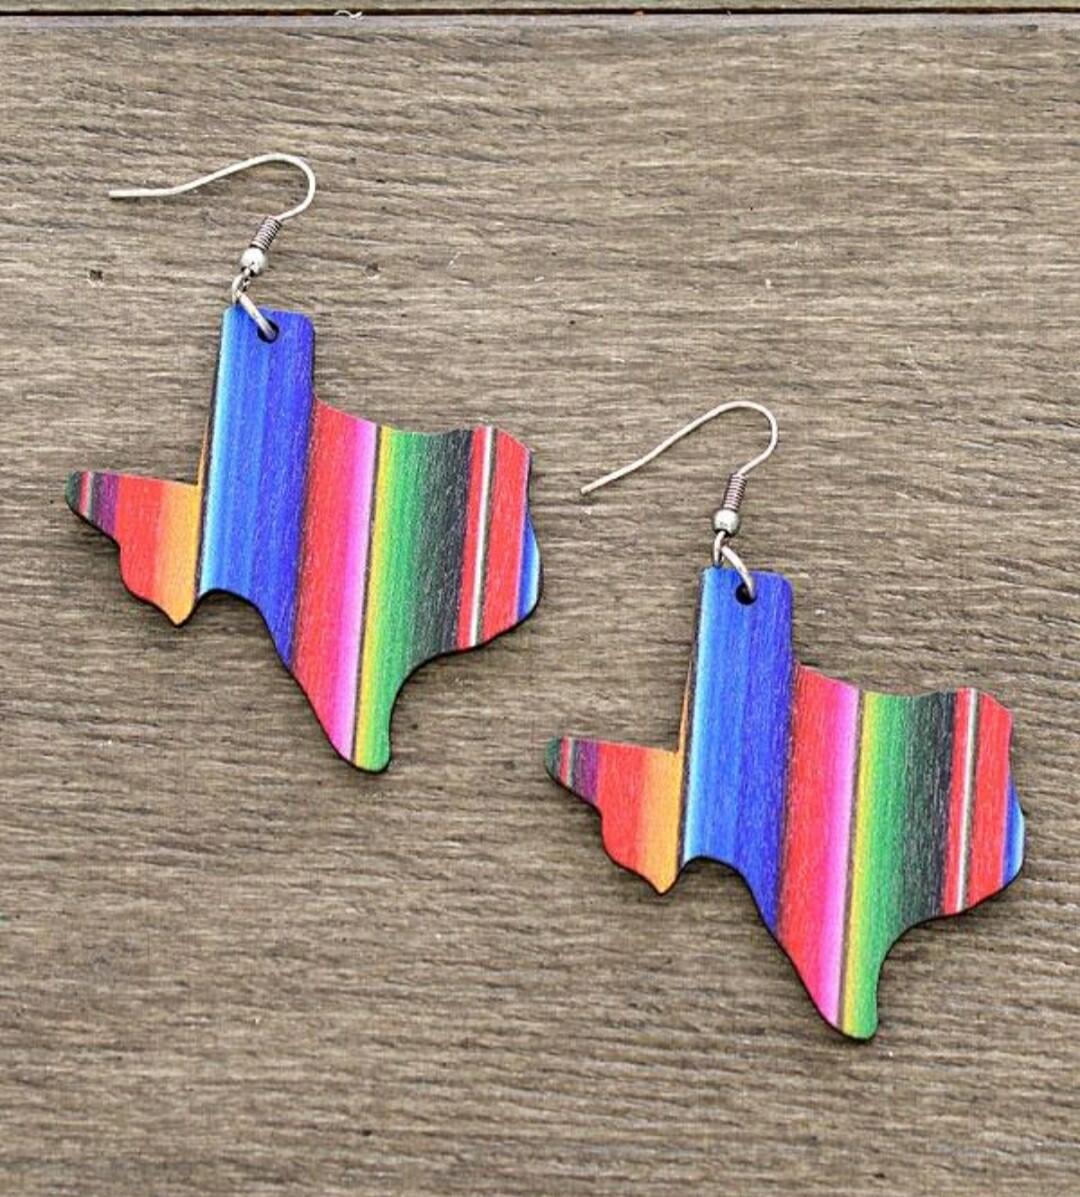 Texas Striped Wood Earrings